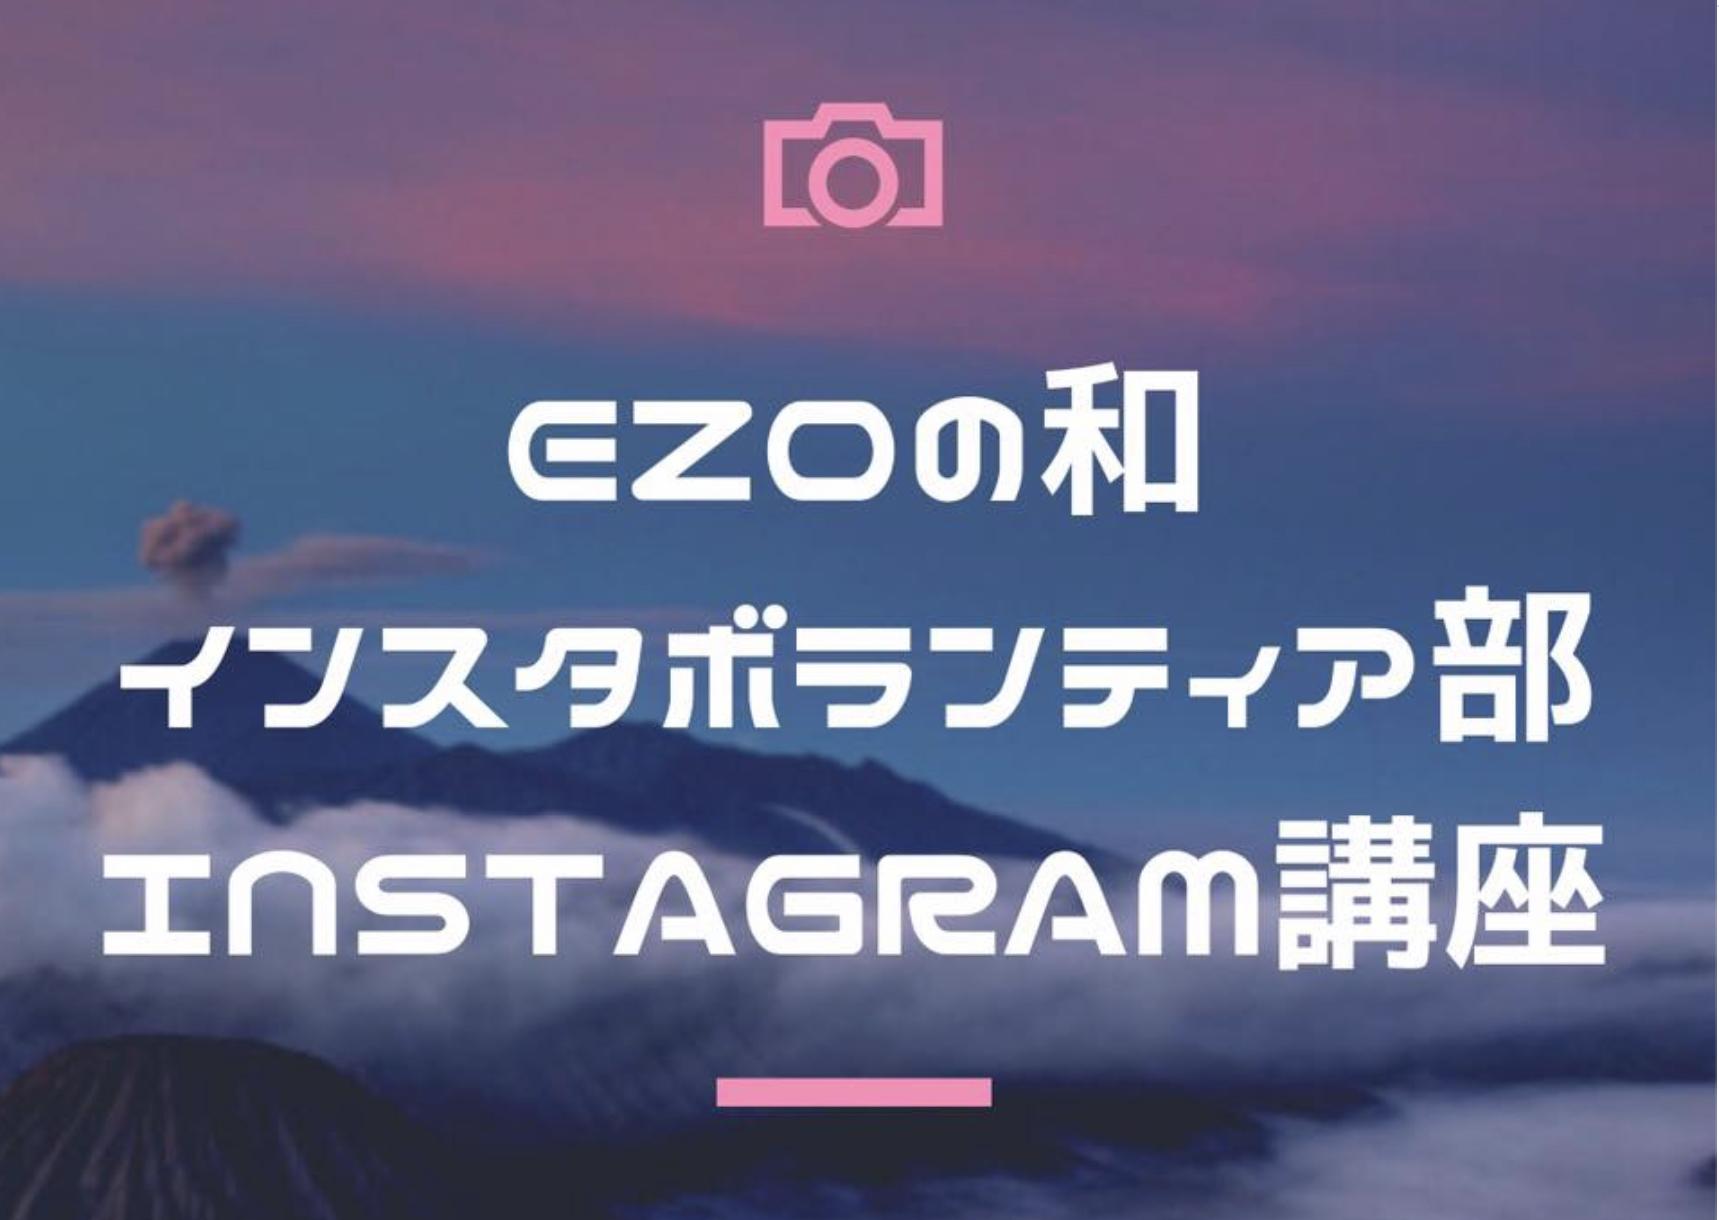 EZOの和 Instagram講座